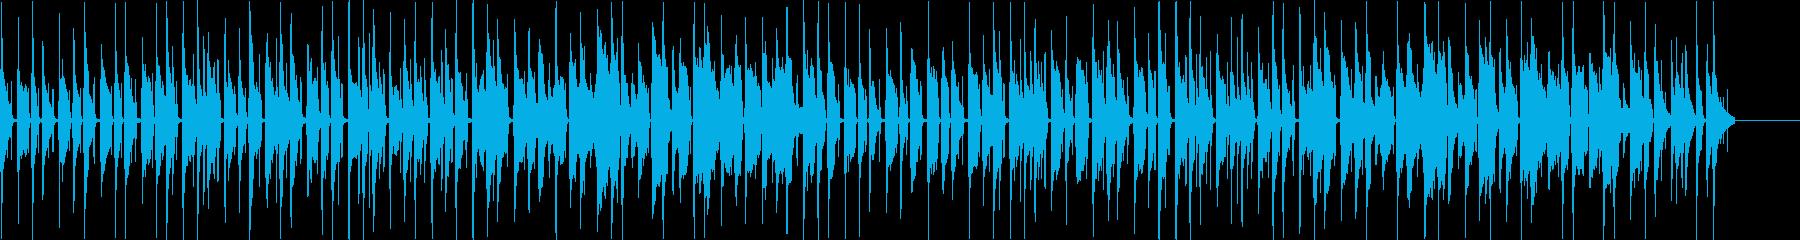 ウクレレとリコーダーののんびり日常BGMの再生済みの波形